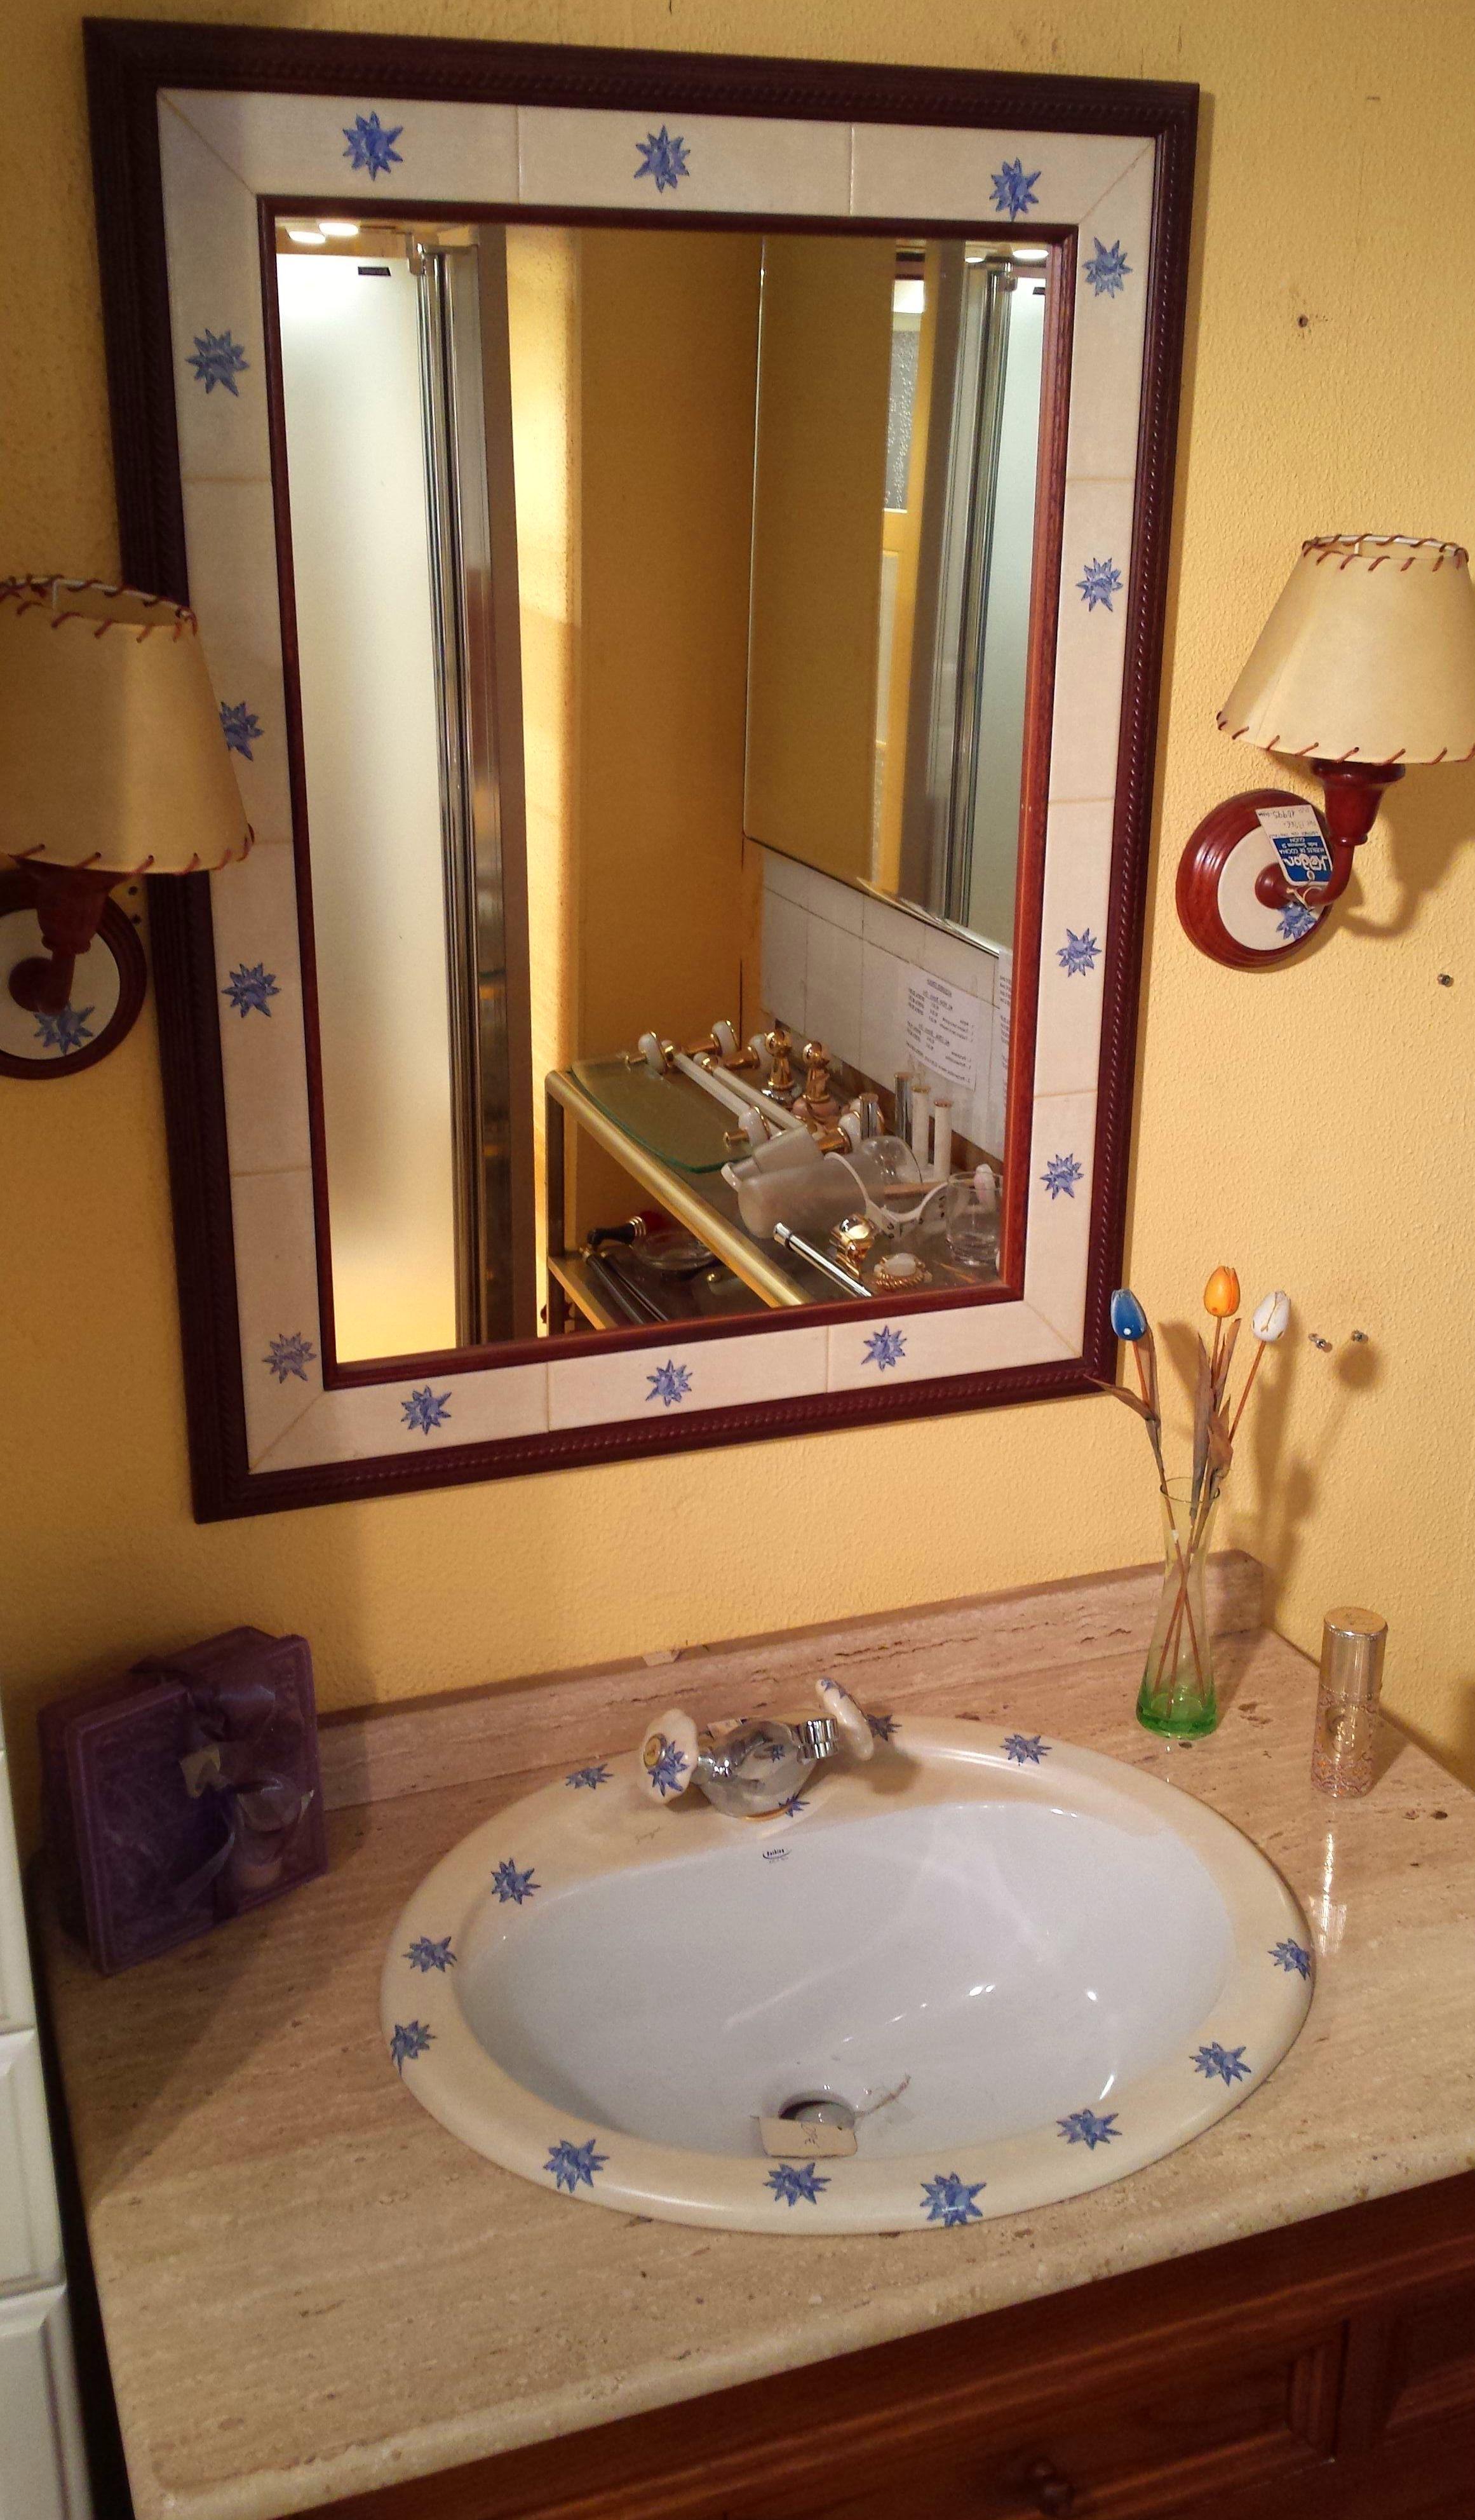 Muebles De Baño Gijon:Por cambio de exposiciones, conjuntos de muebles al 50%